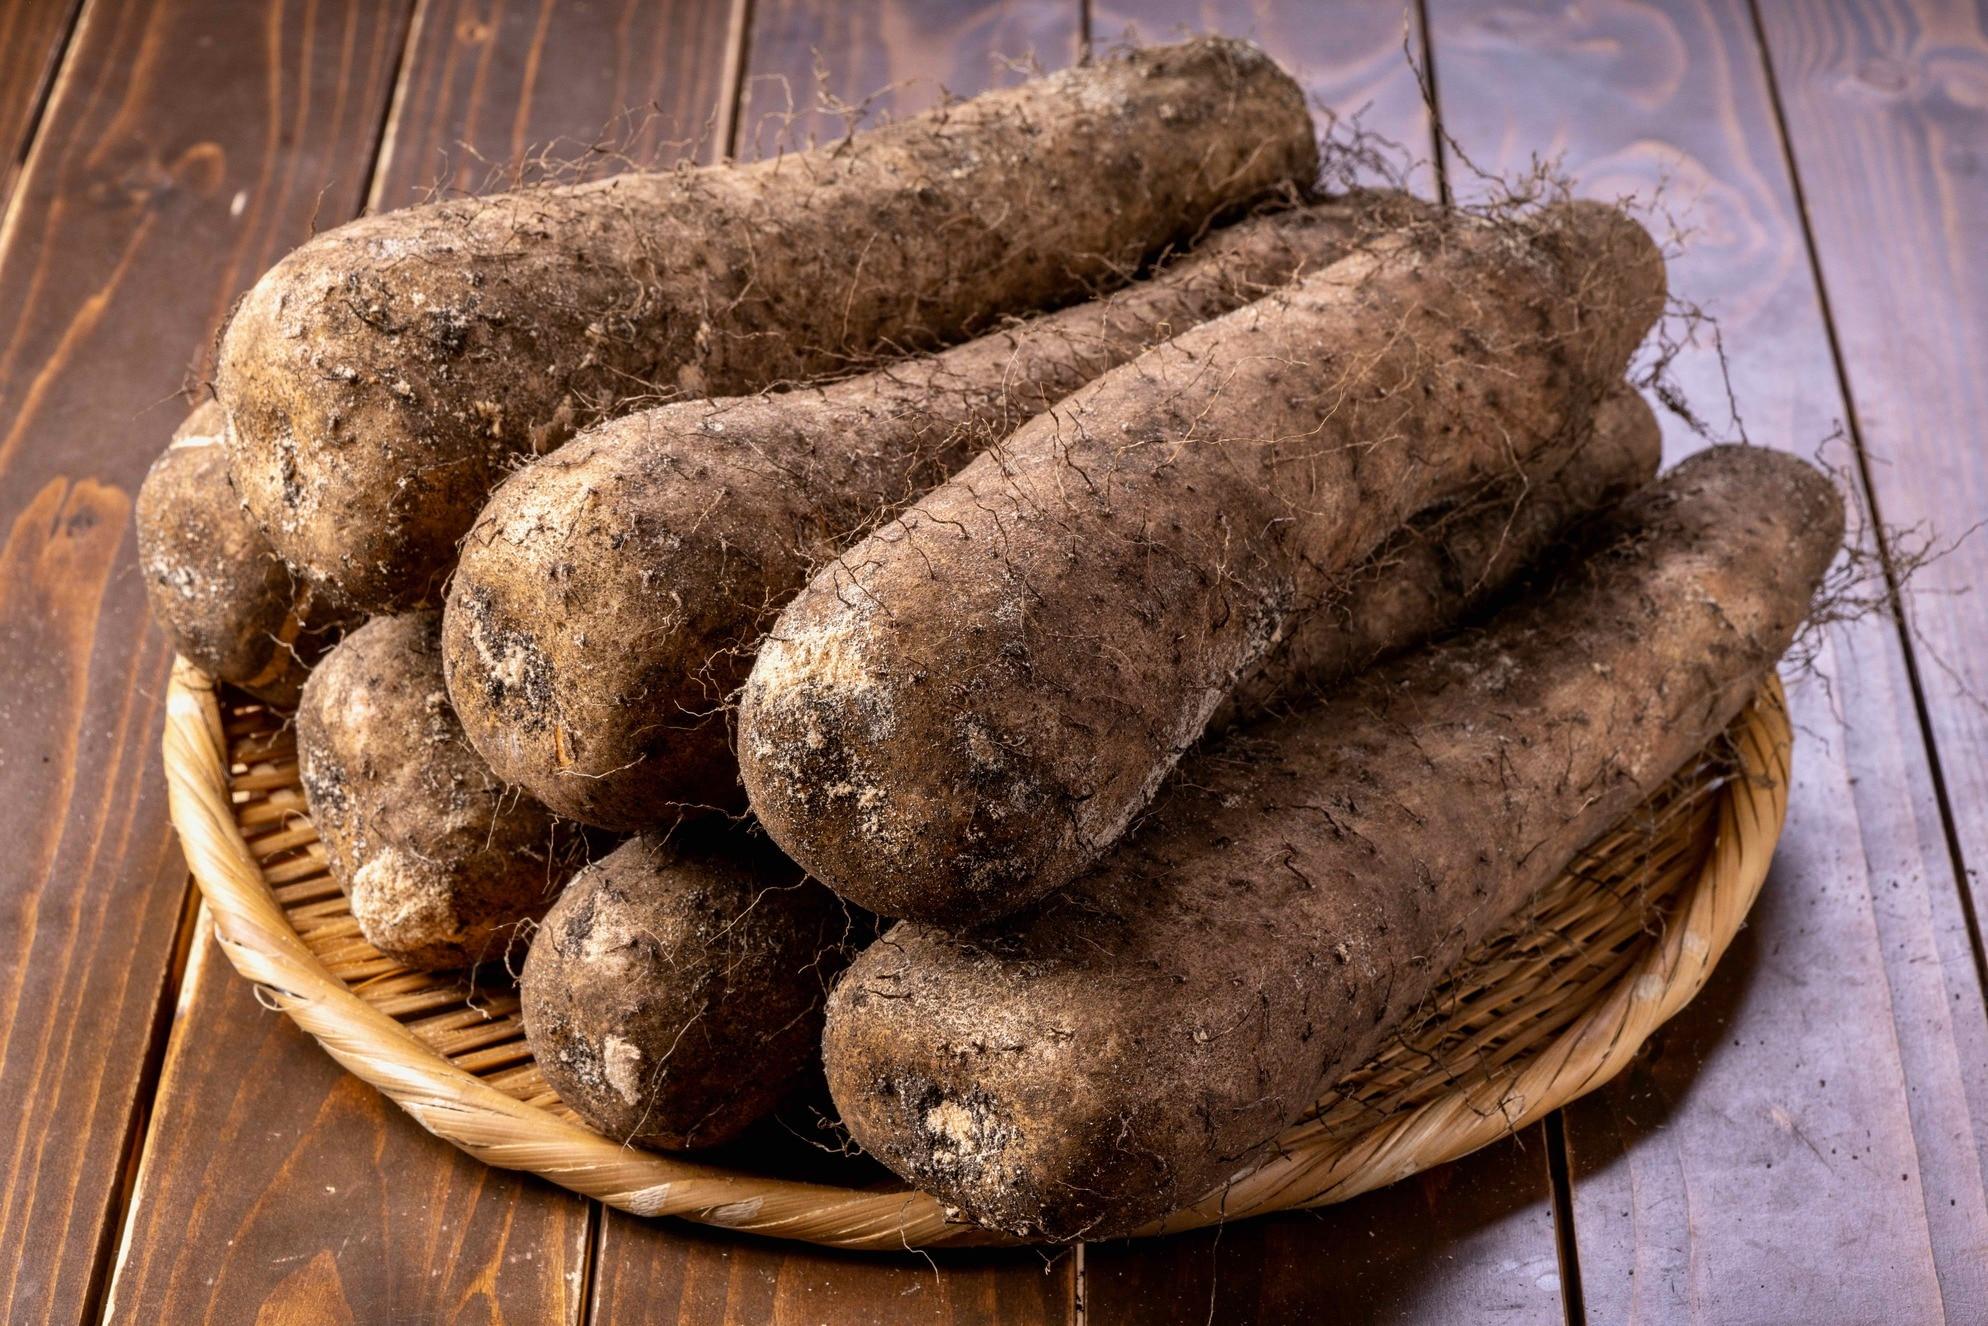 竹ざるのに山盛りの北海道産ダルマイモ,粘りの強い長いも